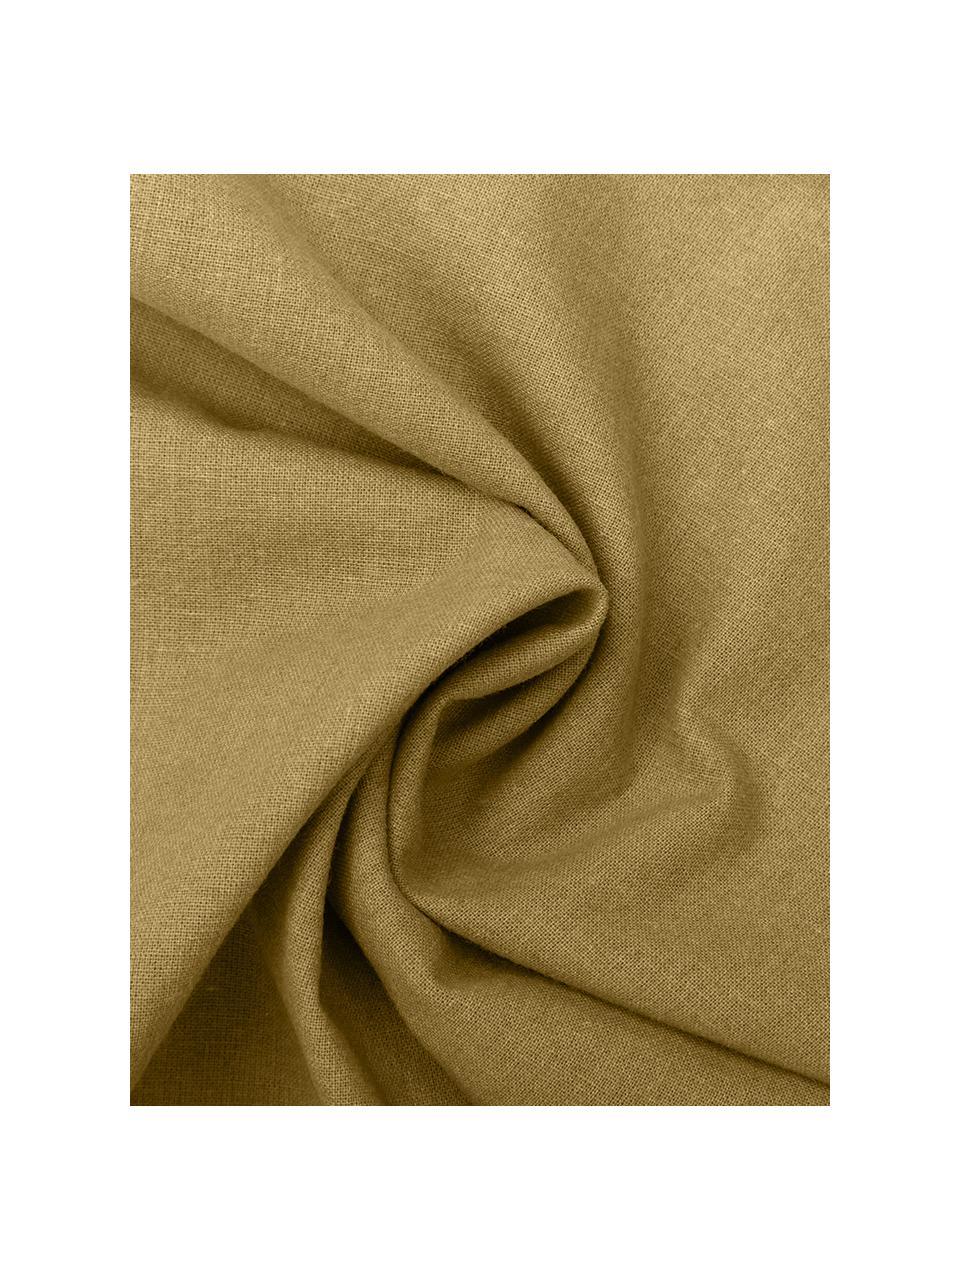 Gewaschene Baumwoll-Bettwäsche Arlene in Gelb, Webart: Renforcé Fadendichte 144 , Gelb, 240 x 220 cm + 2 Kissen 80 x 80 cm